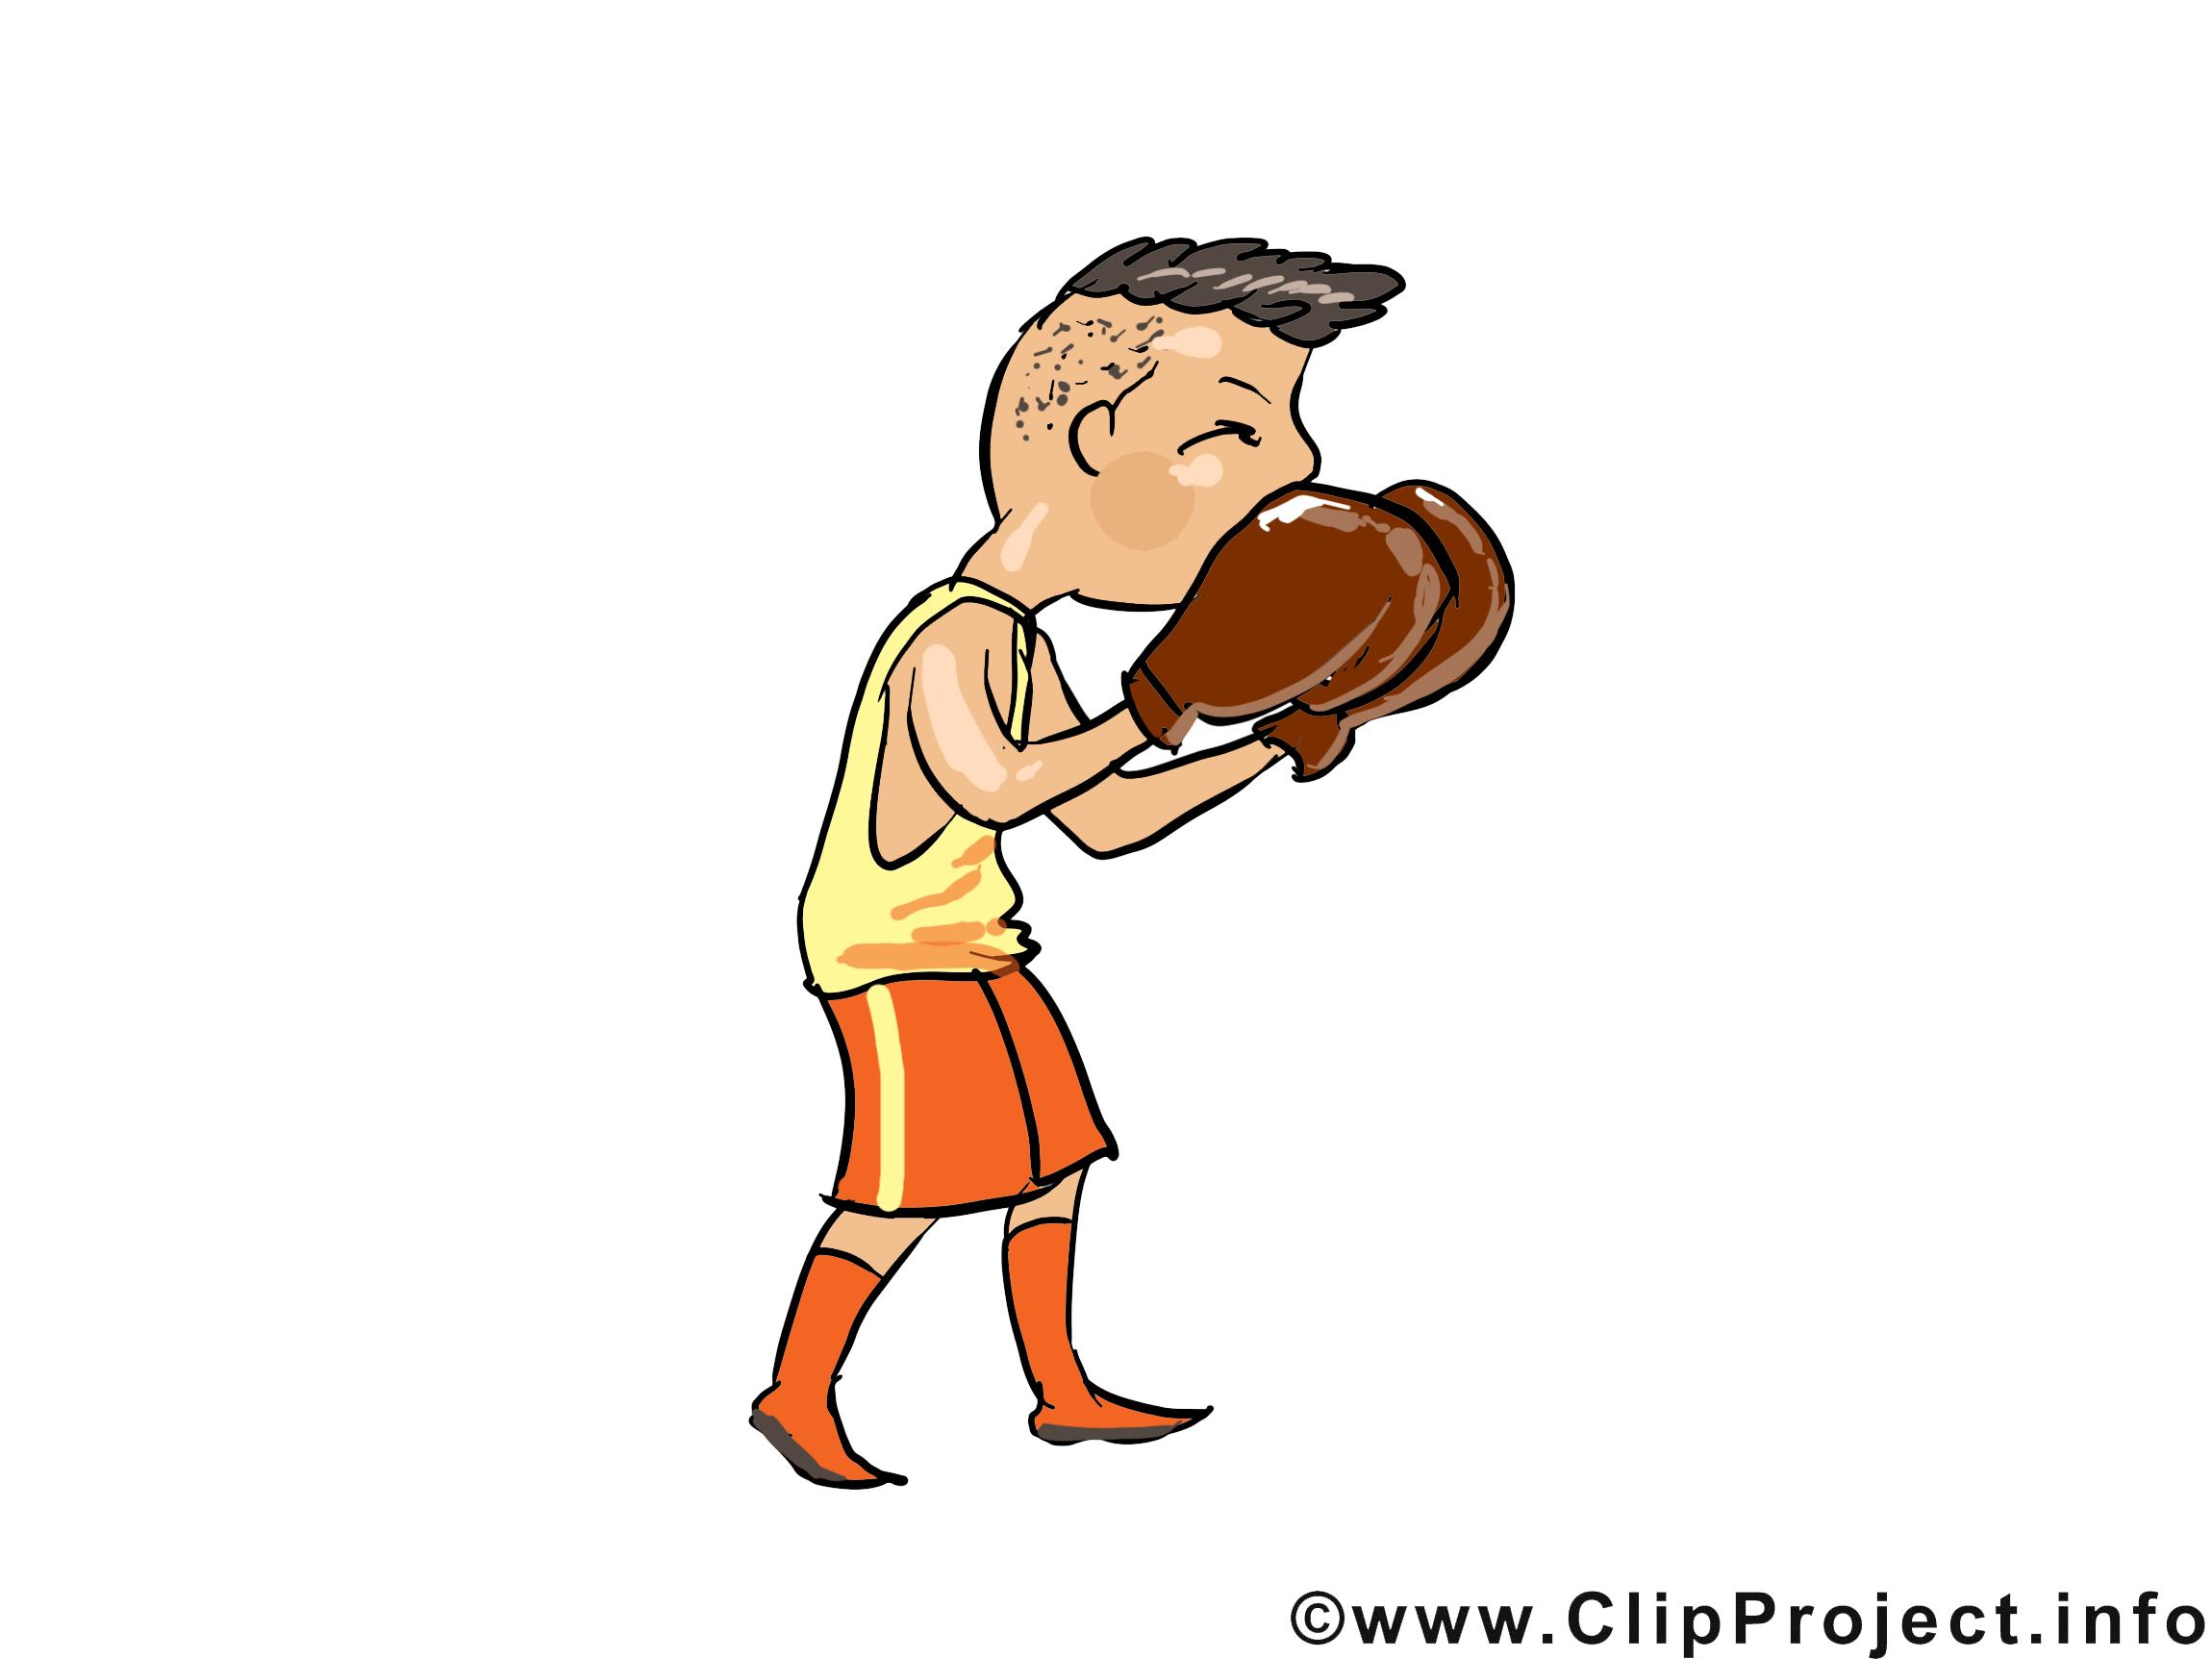 Boxeur clip art – Profession image gratuite